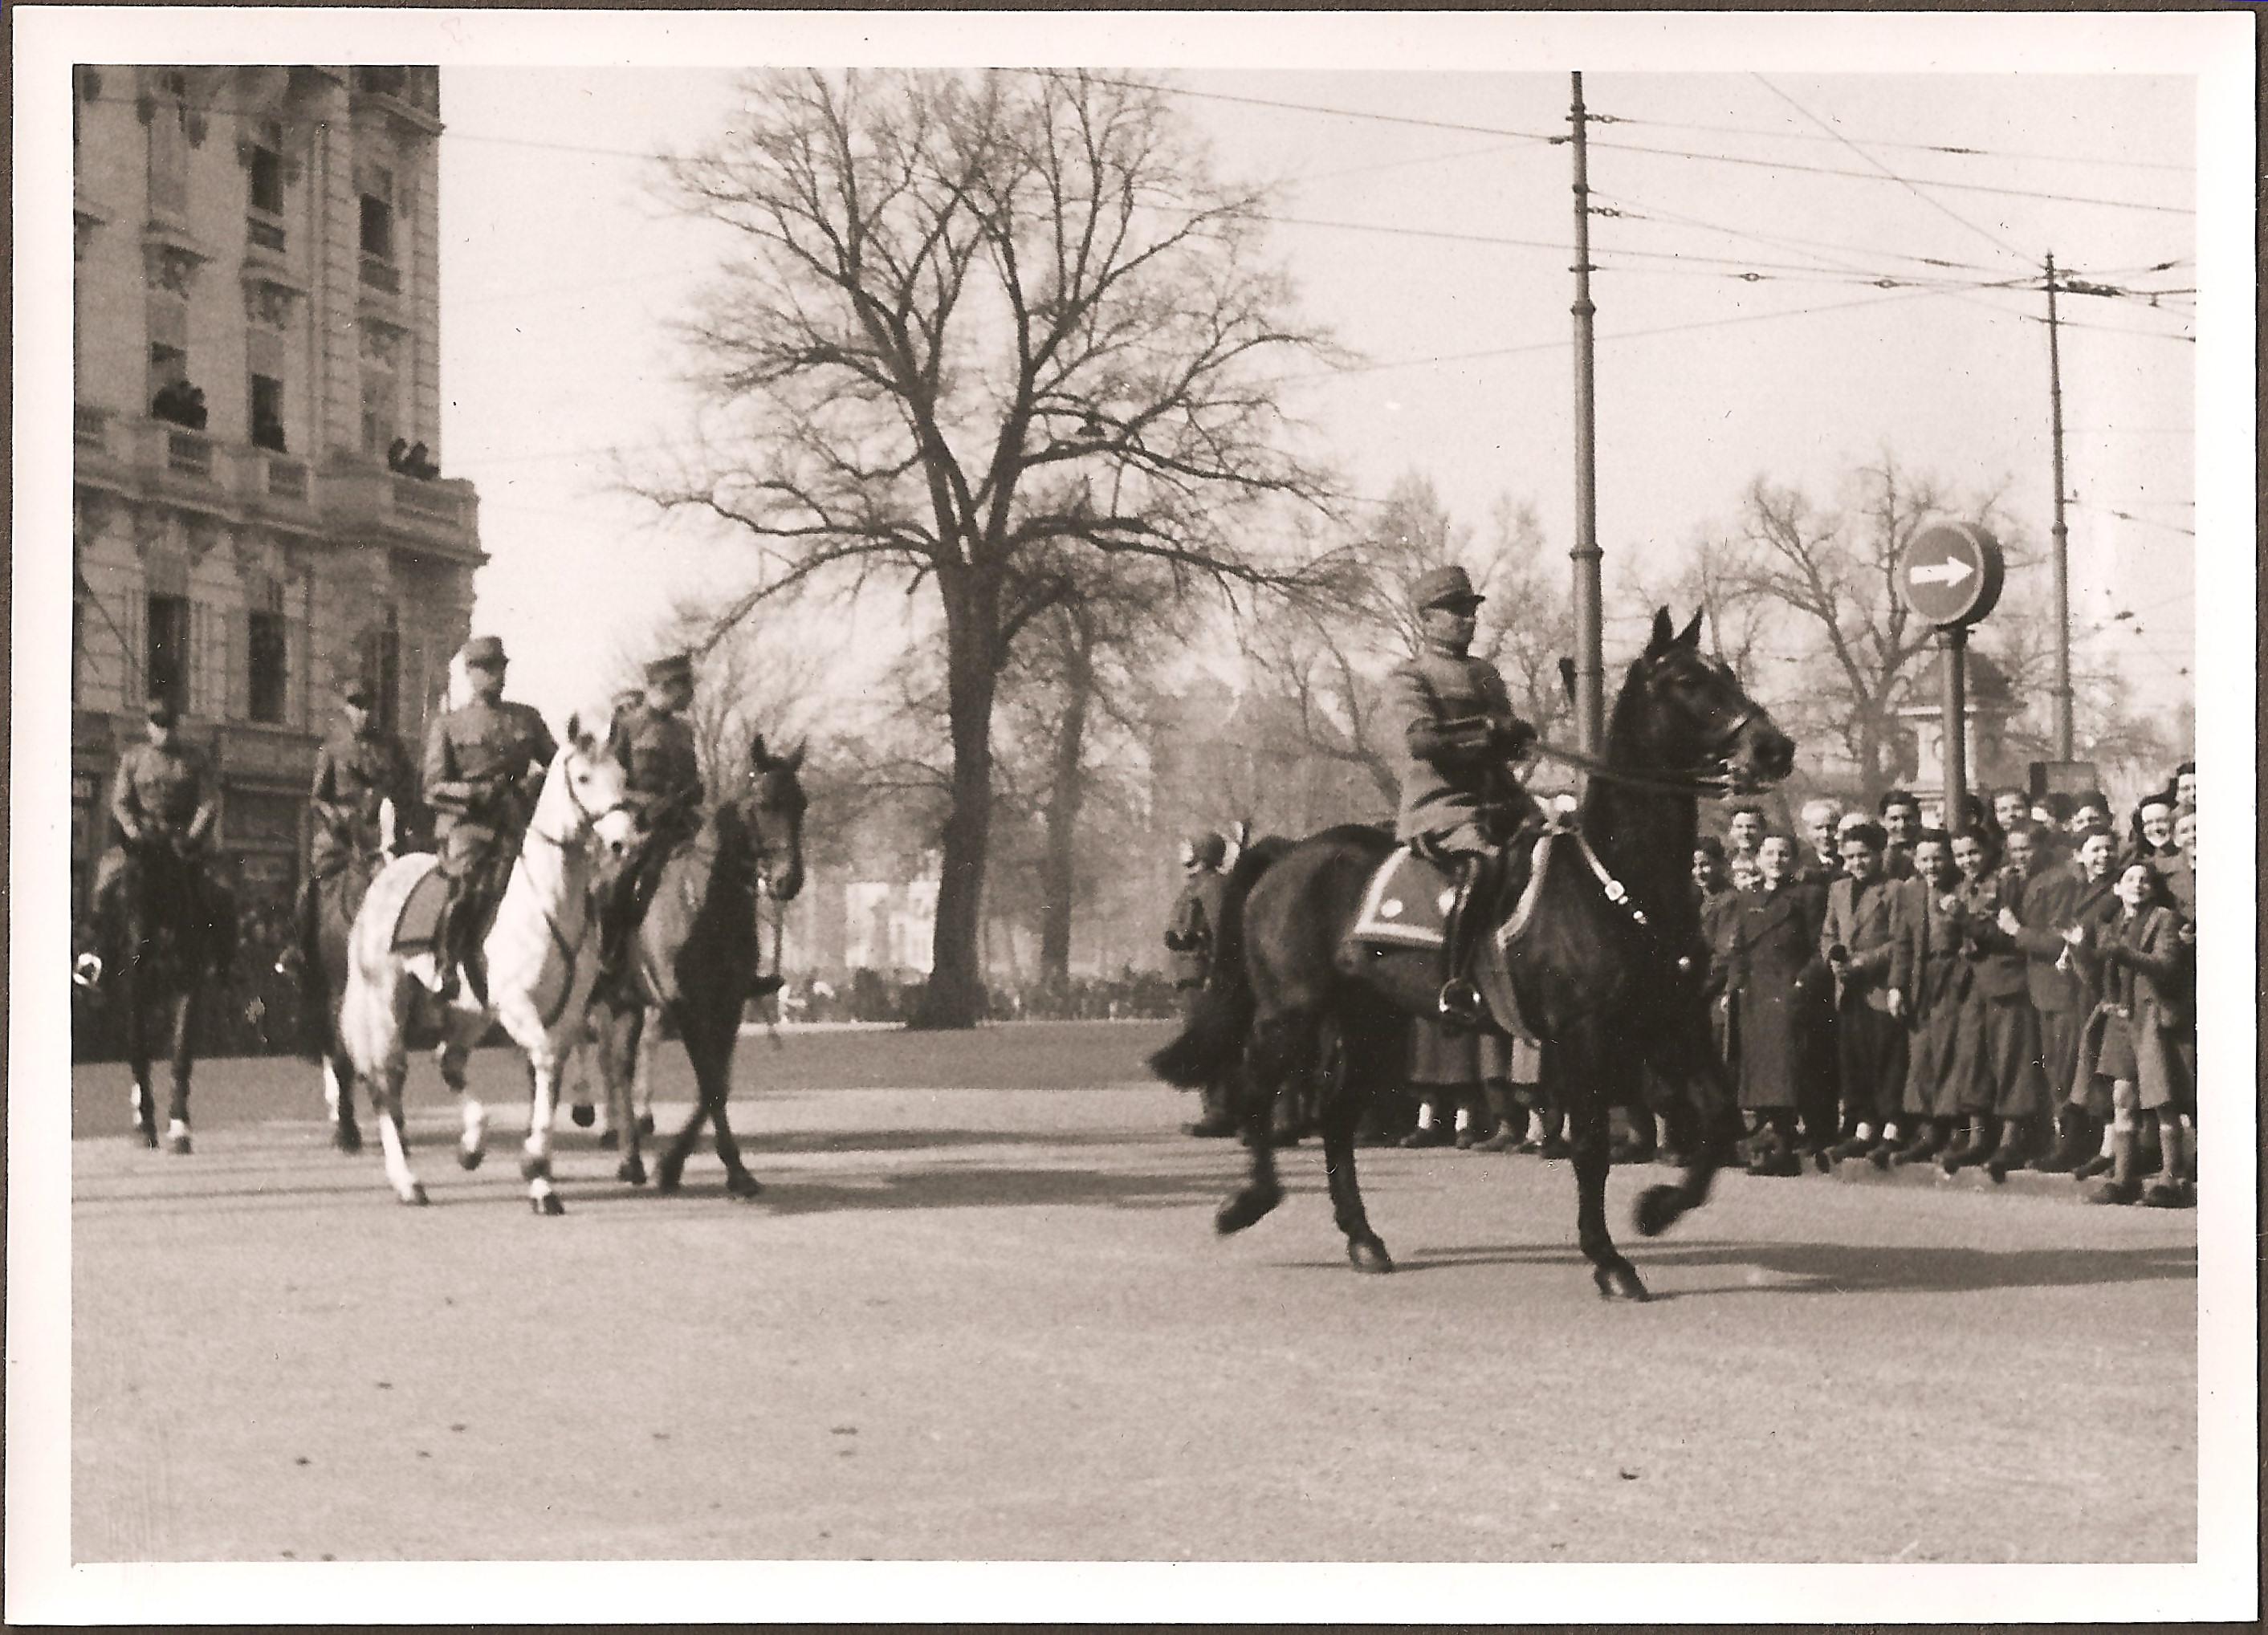 Défilé militaire à Genève en 1943 - Le Général